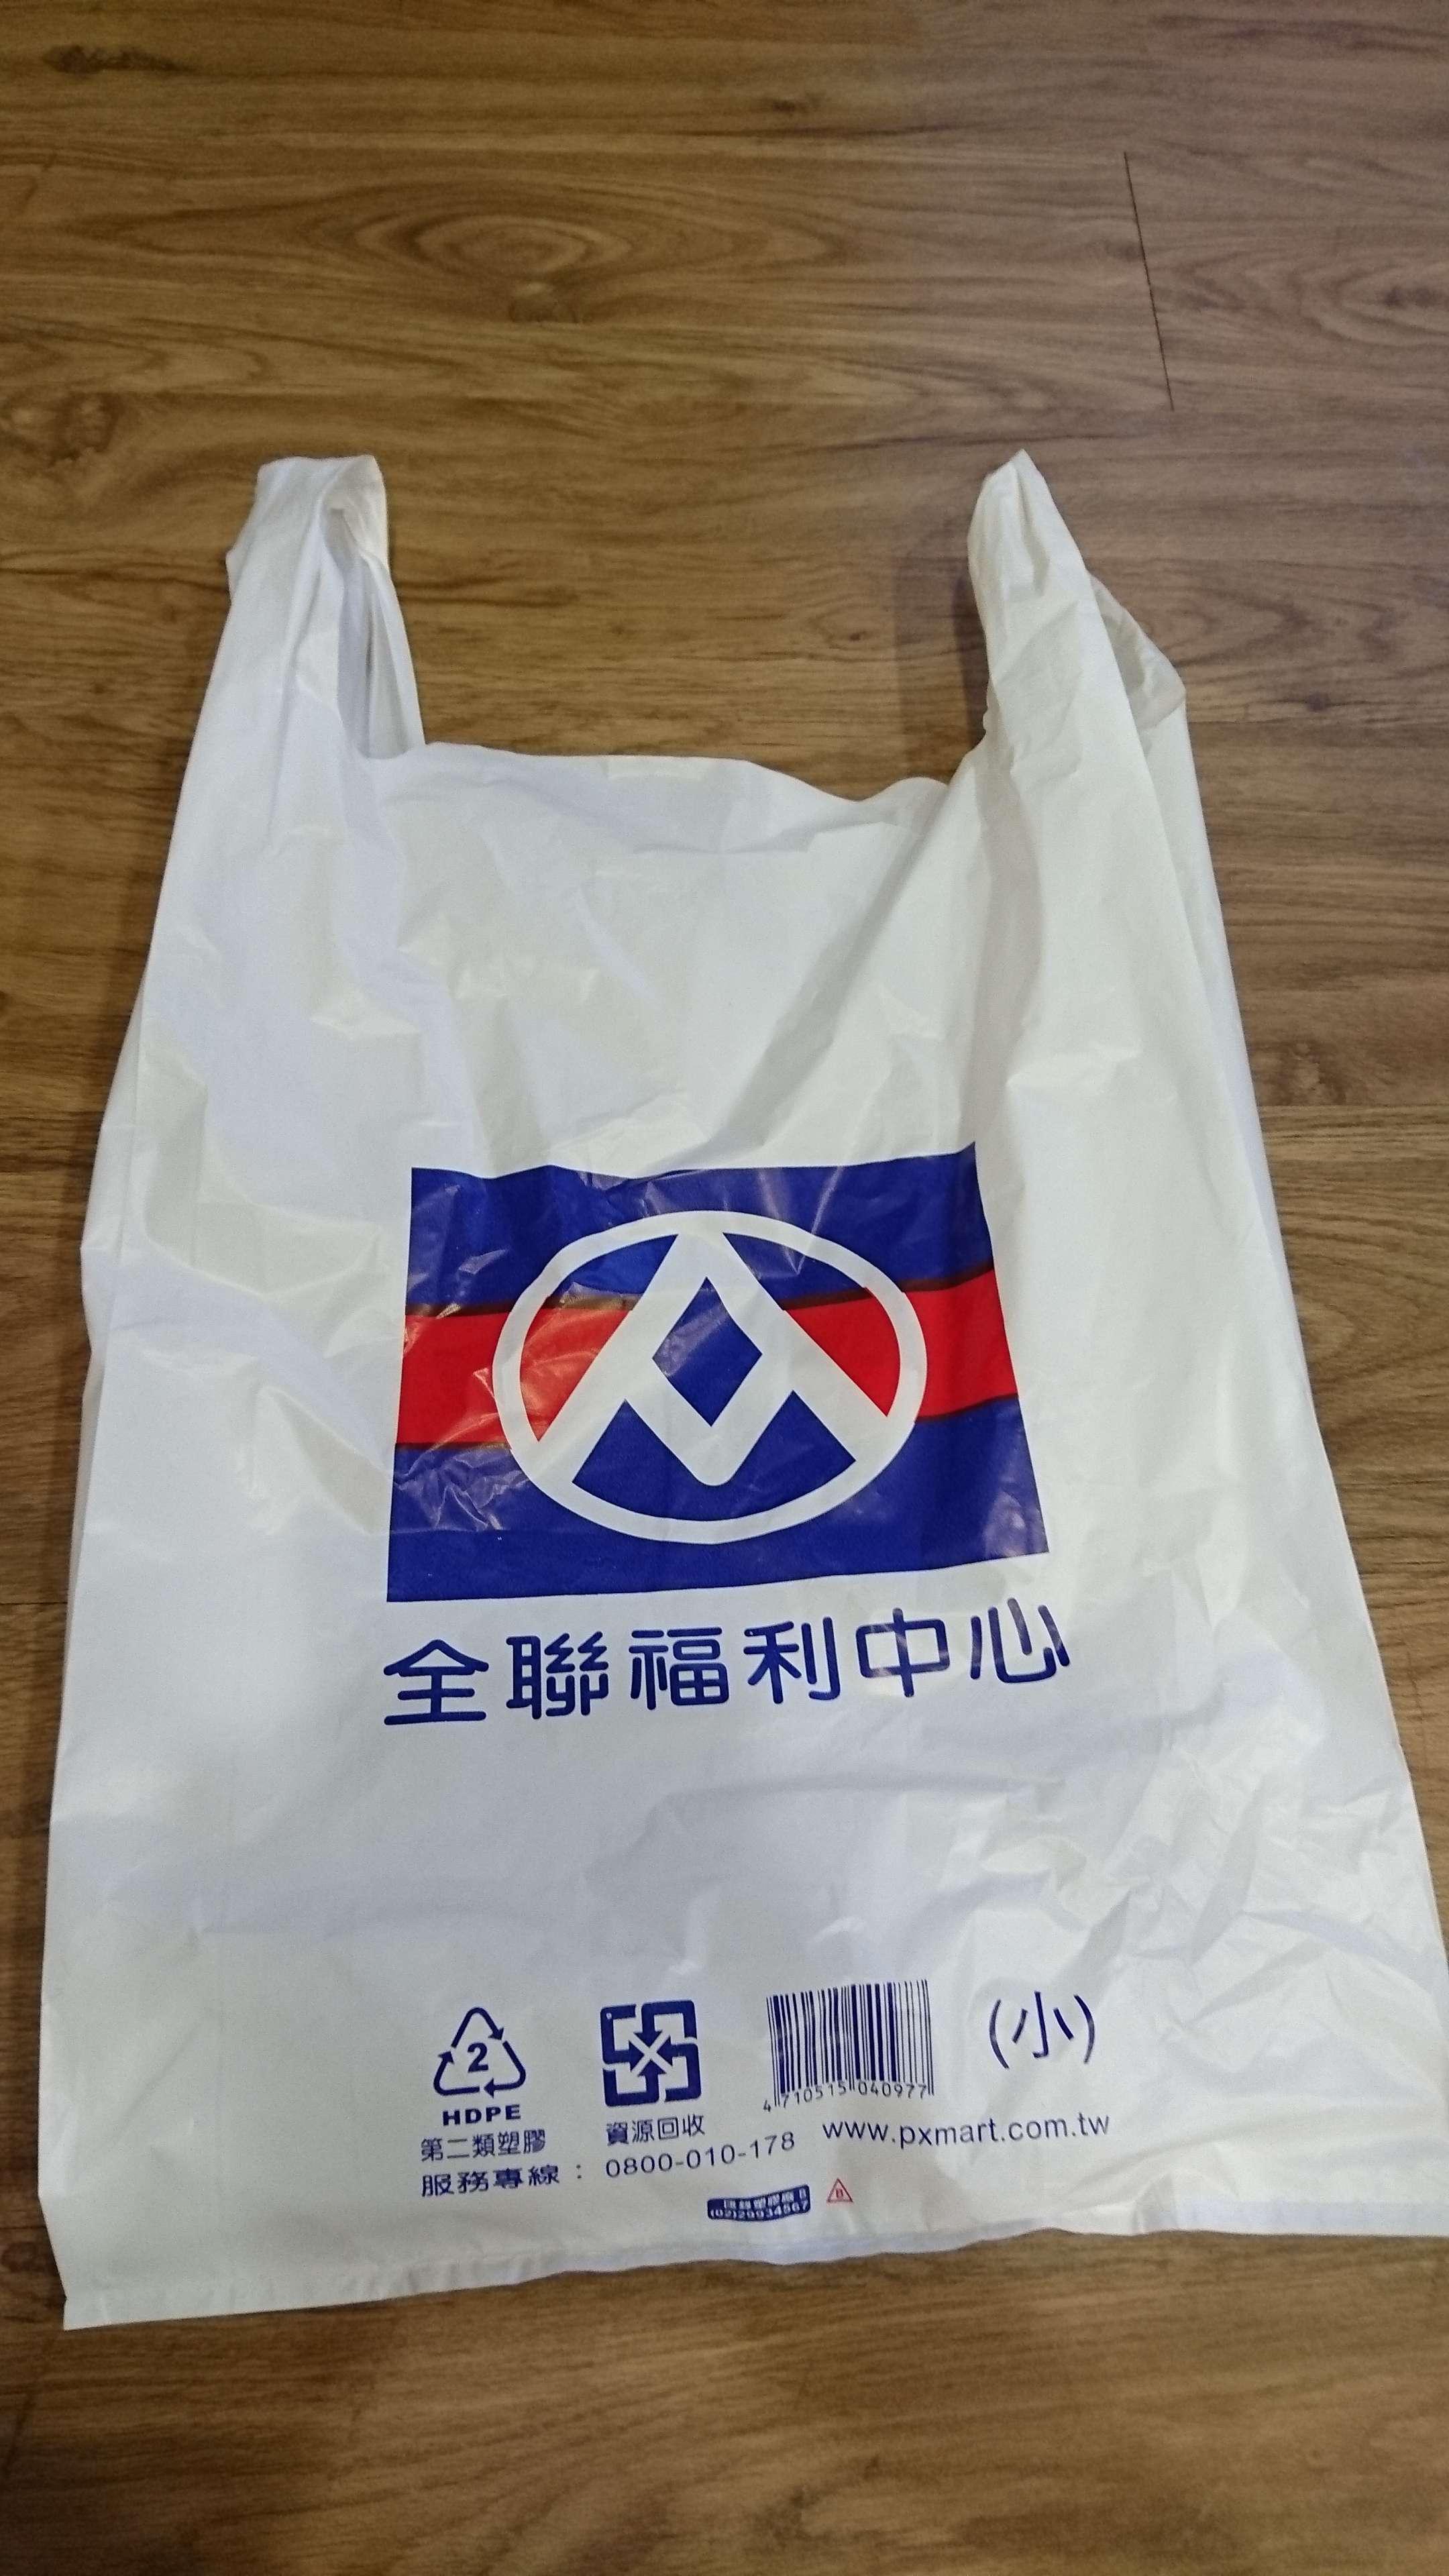 台湾の買い物もマイバックが必須 在台灣買東西也要自備購物袋